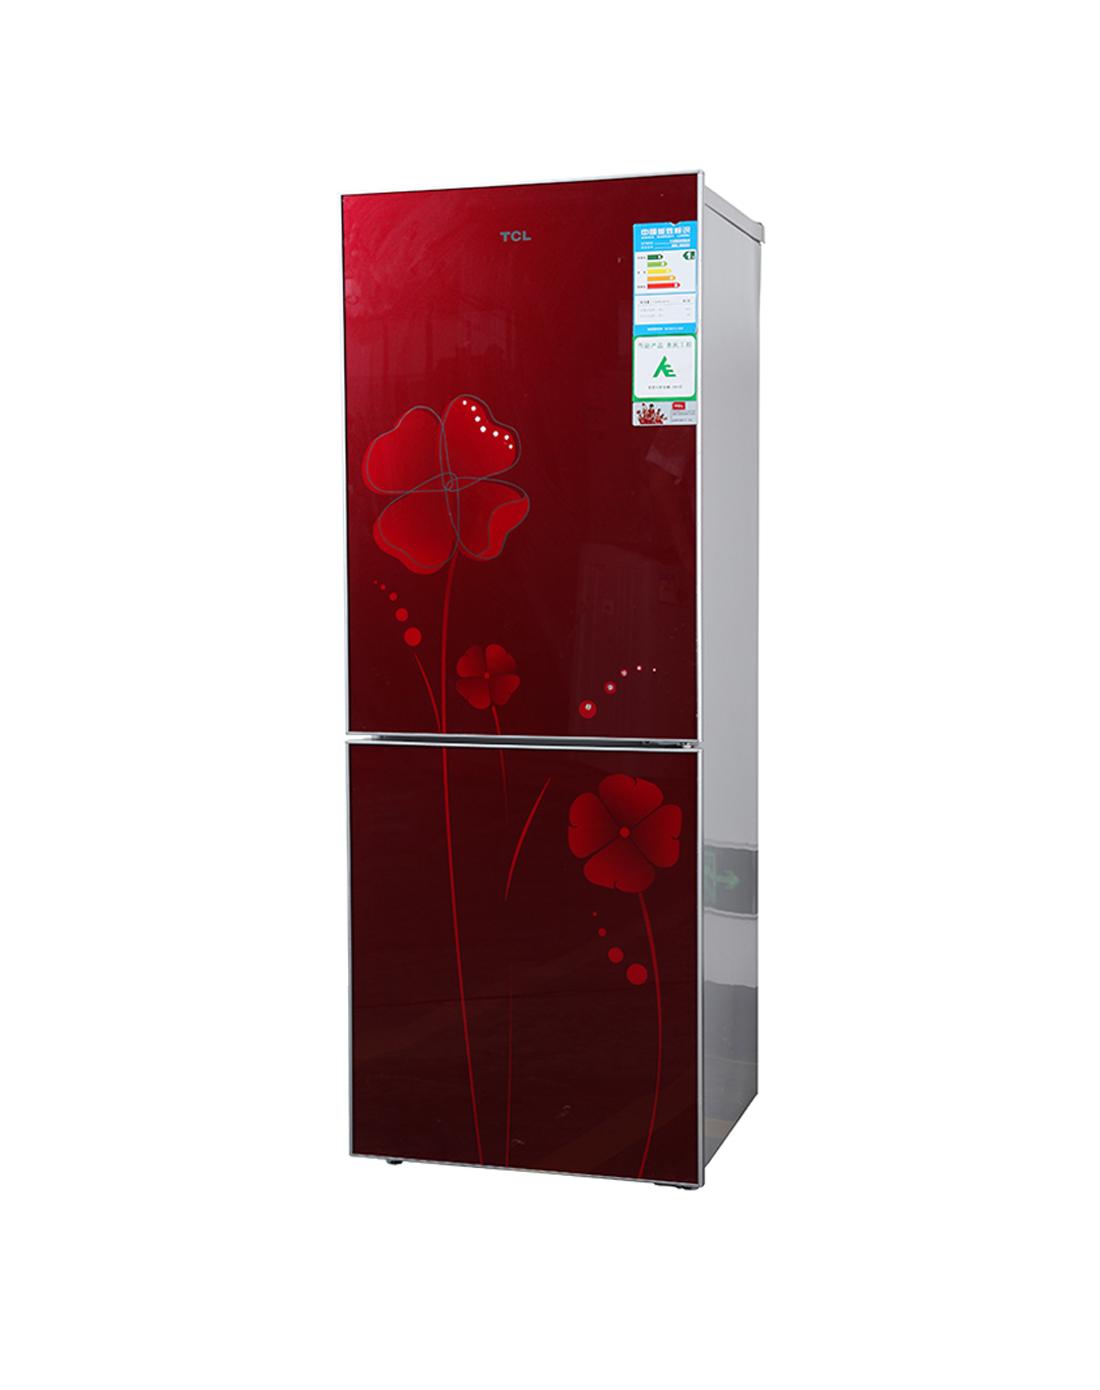 钢化玻璃面板 冷藏冷冻冰箱 双门式 直冷